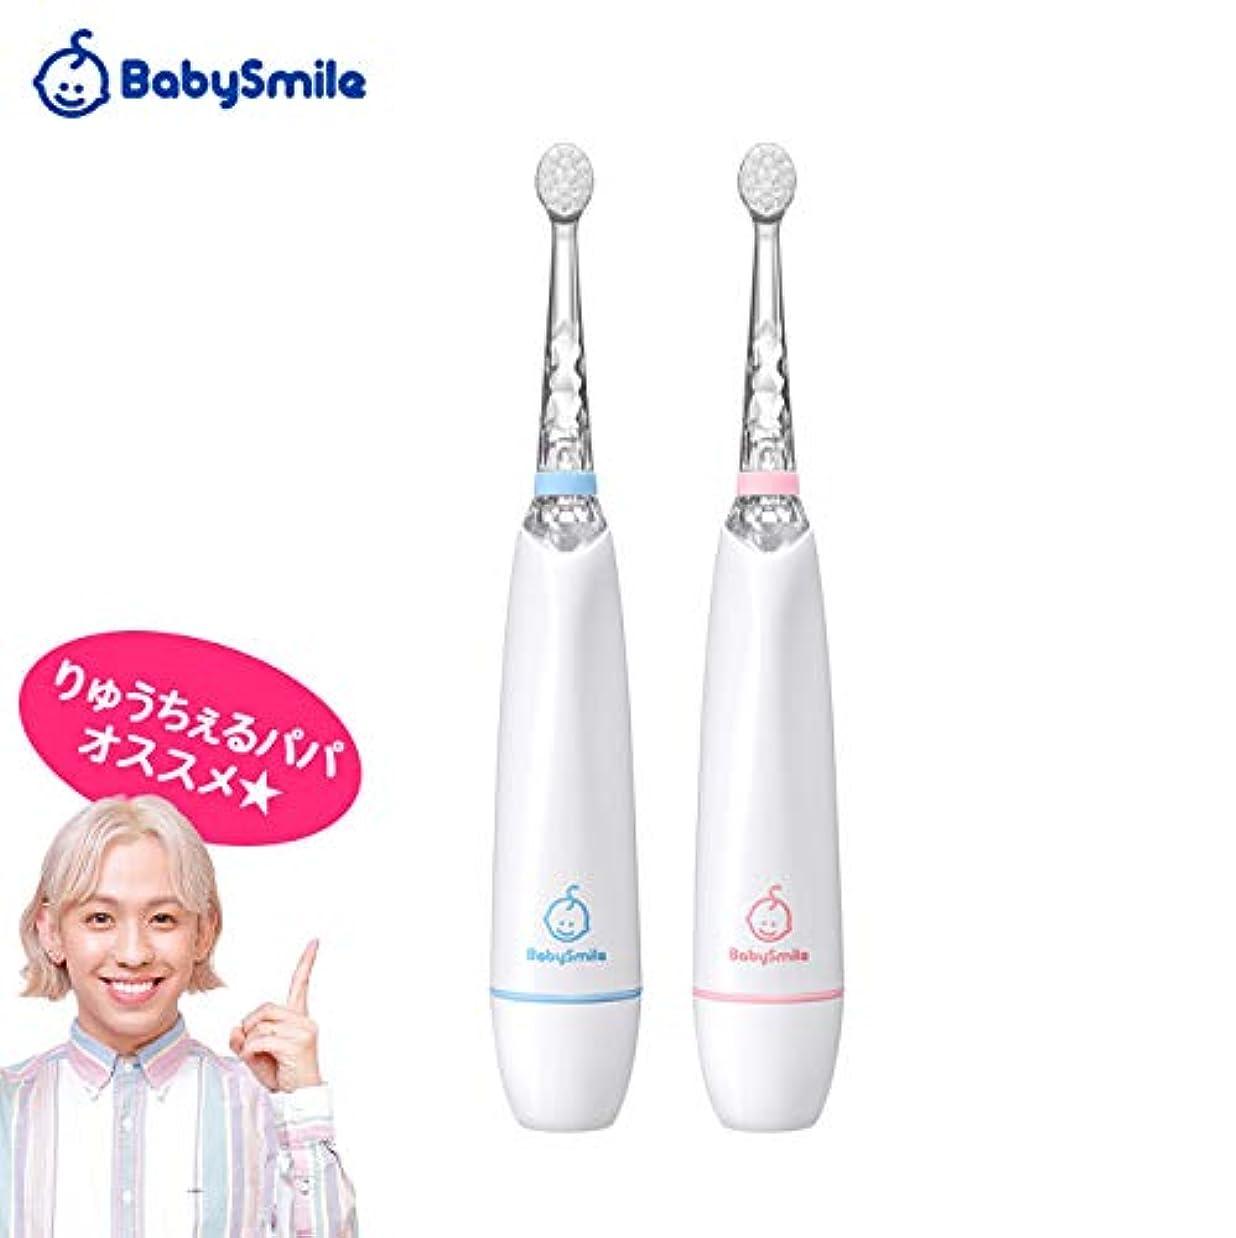 投票失礼召集するこども用電動歯ブラシ ベビースマイルレインボー S-204 (ピンク)